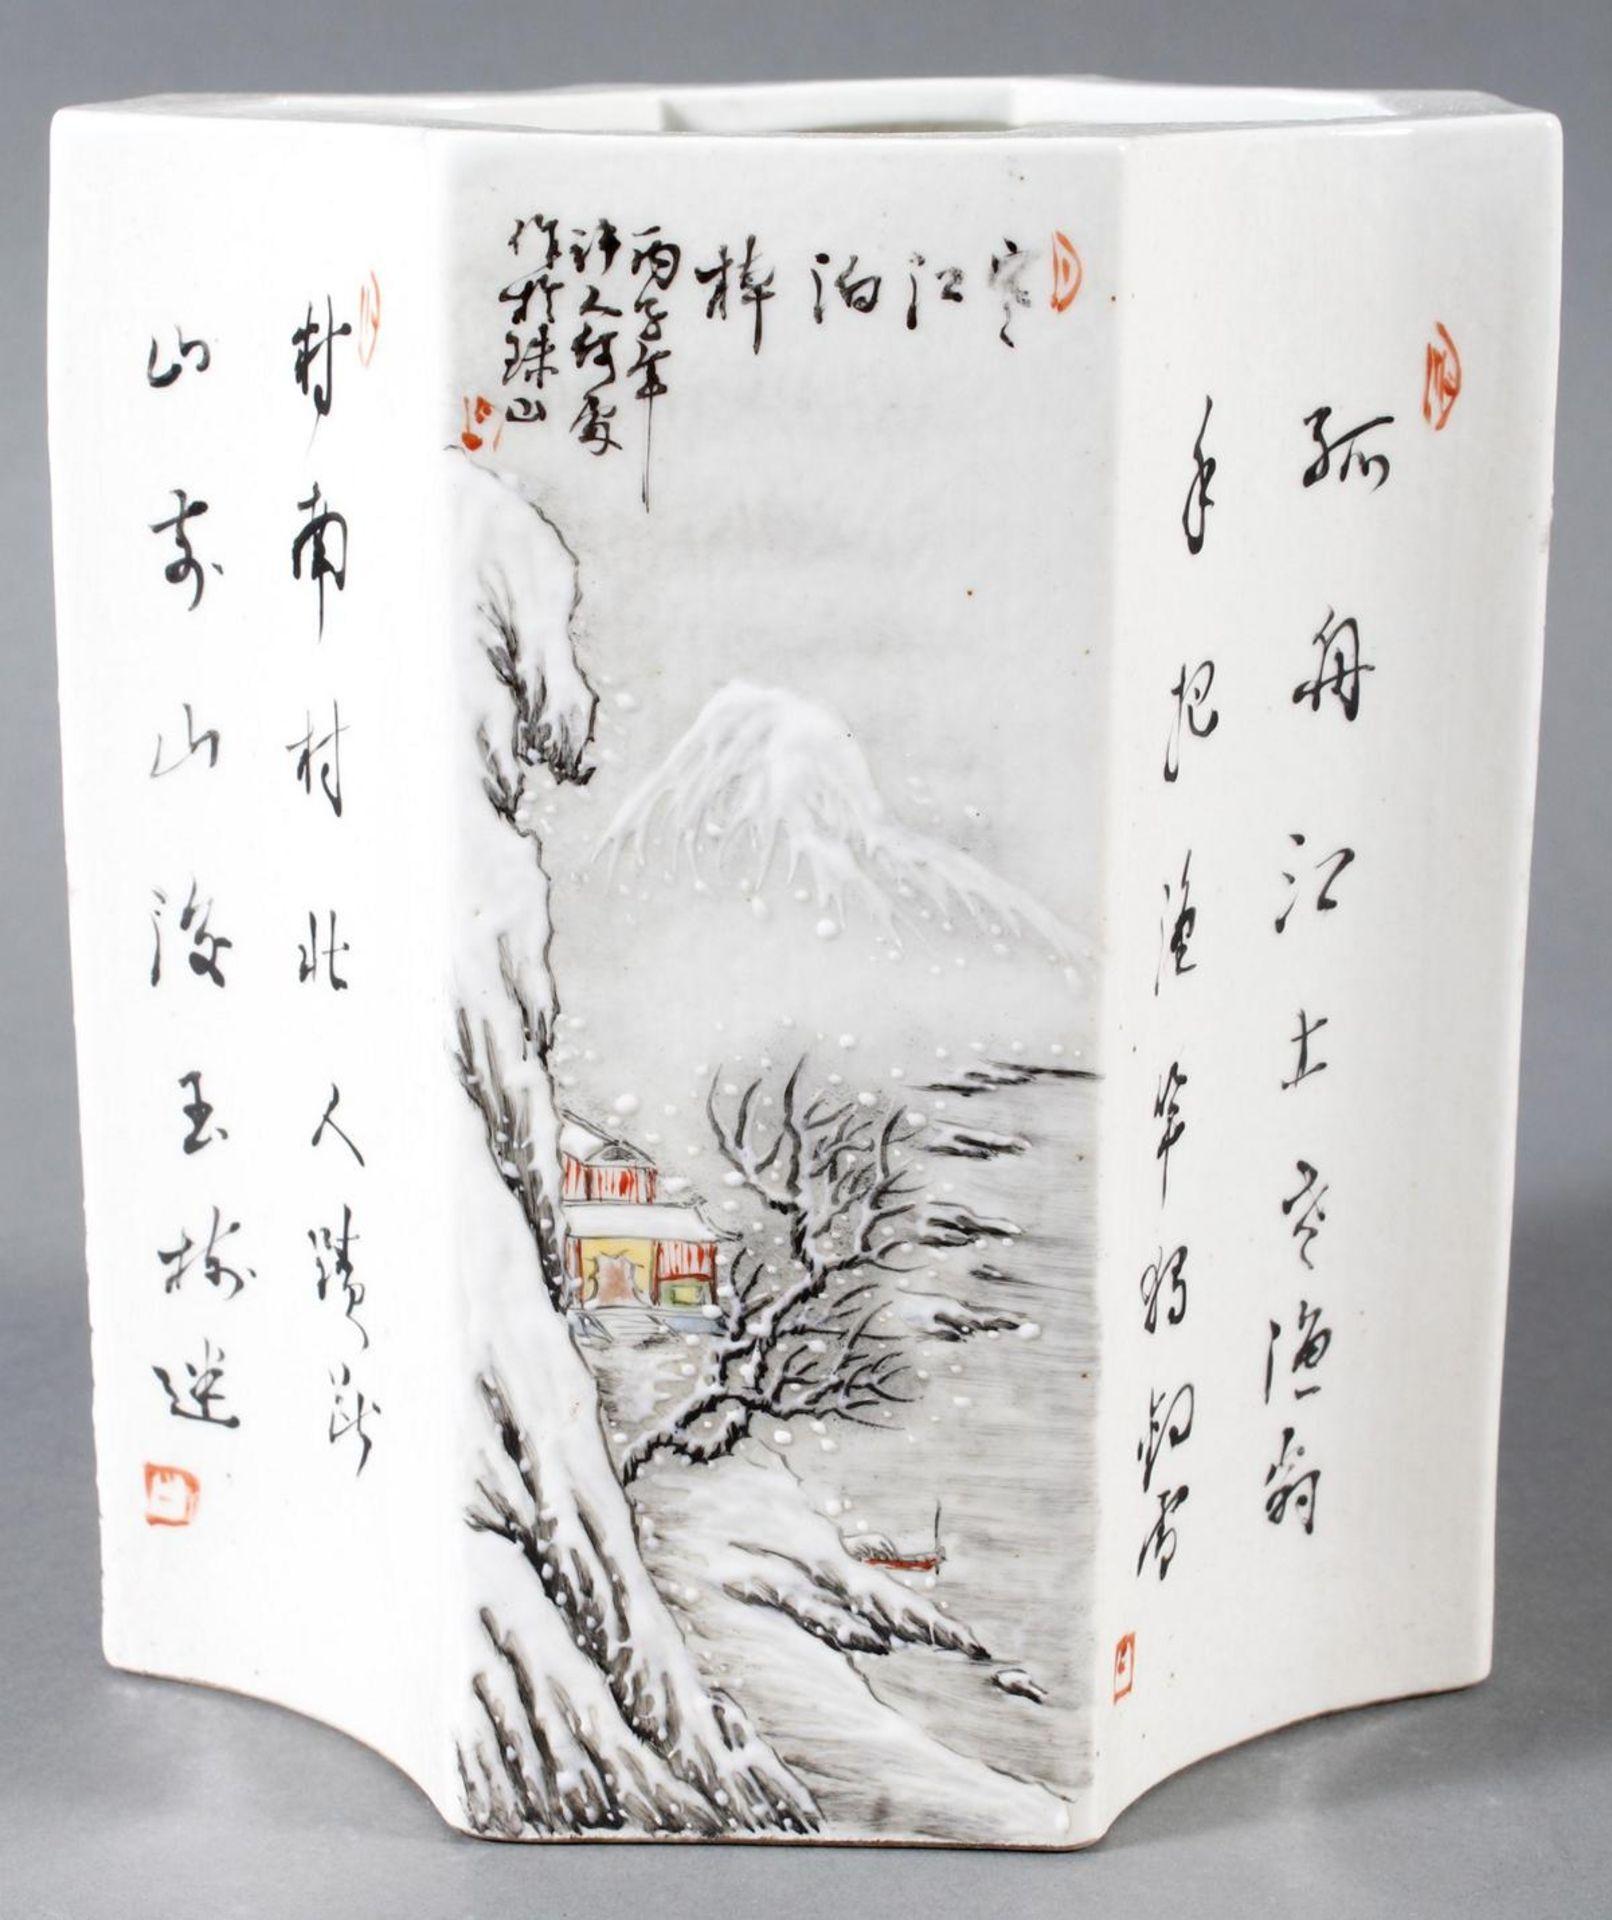 Porzellan-Pinselbehälter, China, Mitte 20. Jahrhundert - Bild 4 aus 15